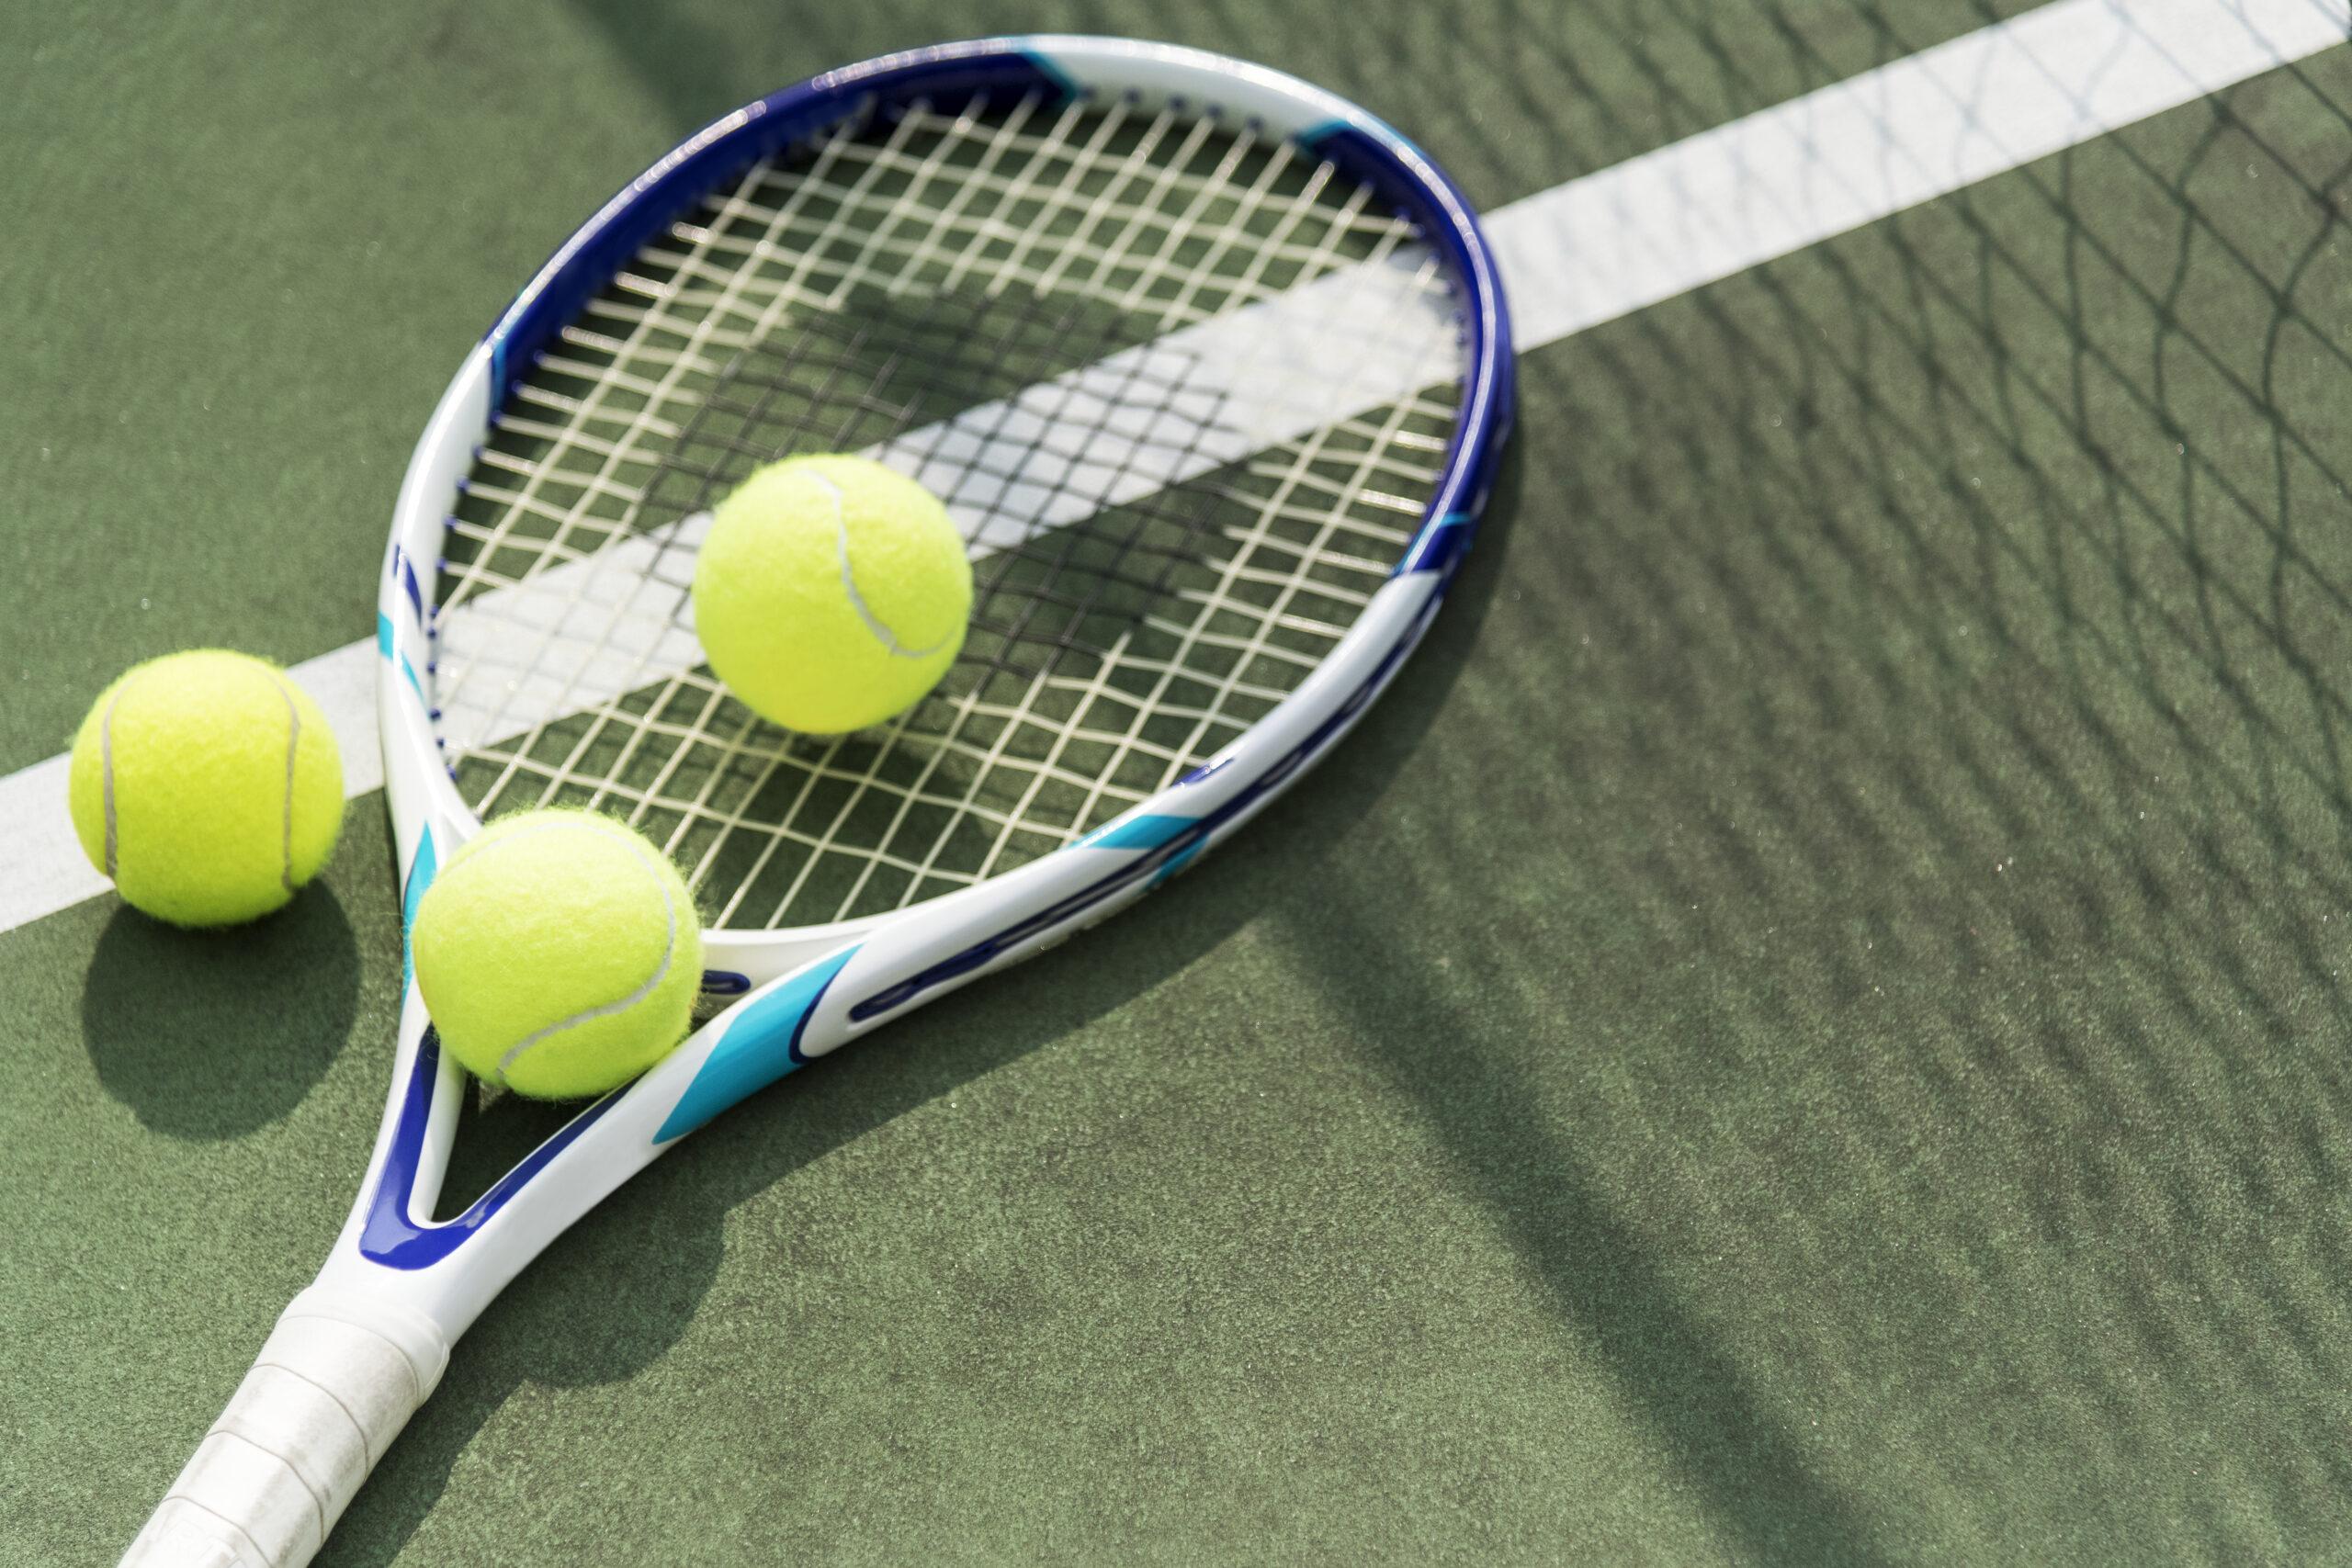 Balles et raquette de tennis